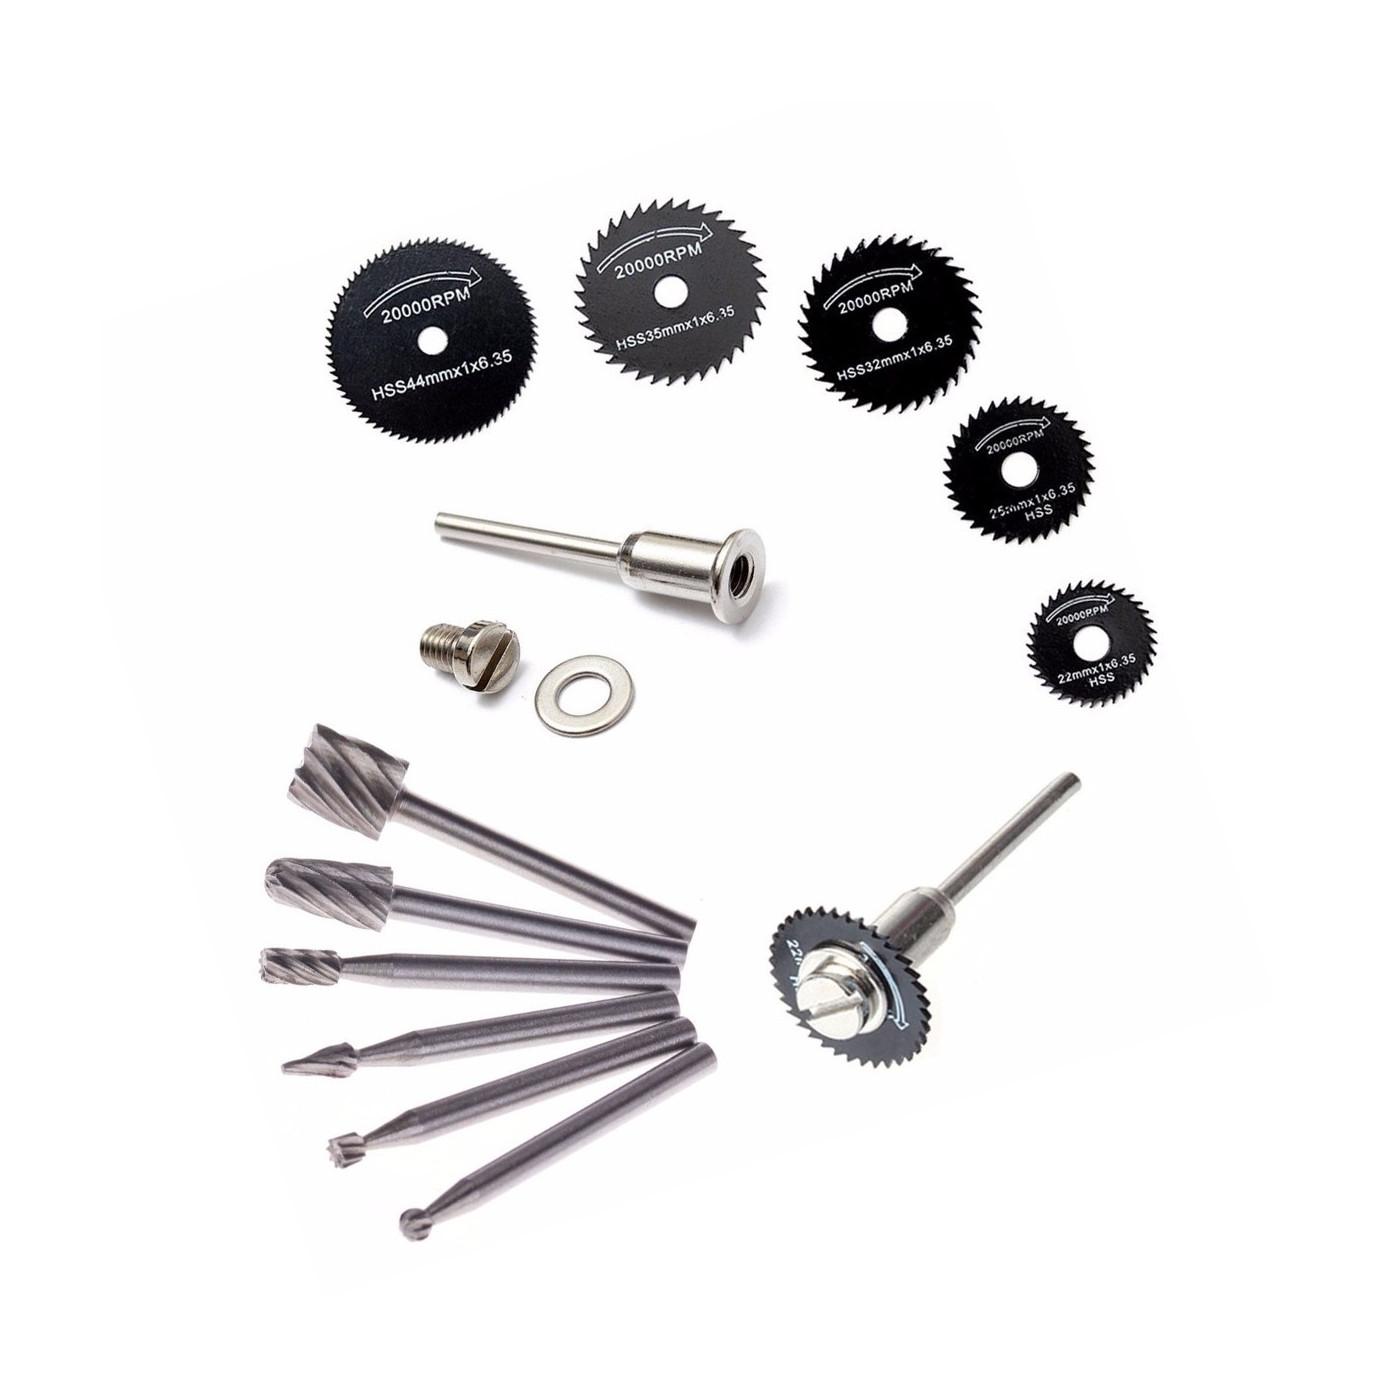 Set mini (dremel) milling cutters & saw blades